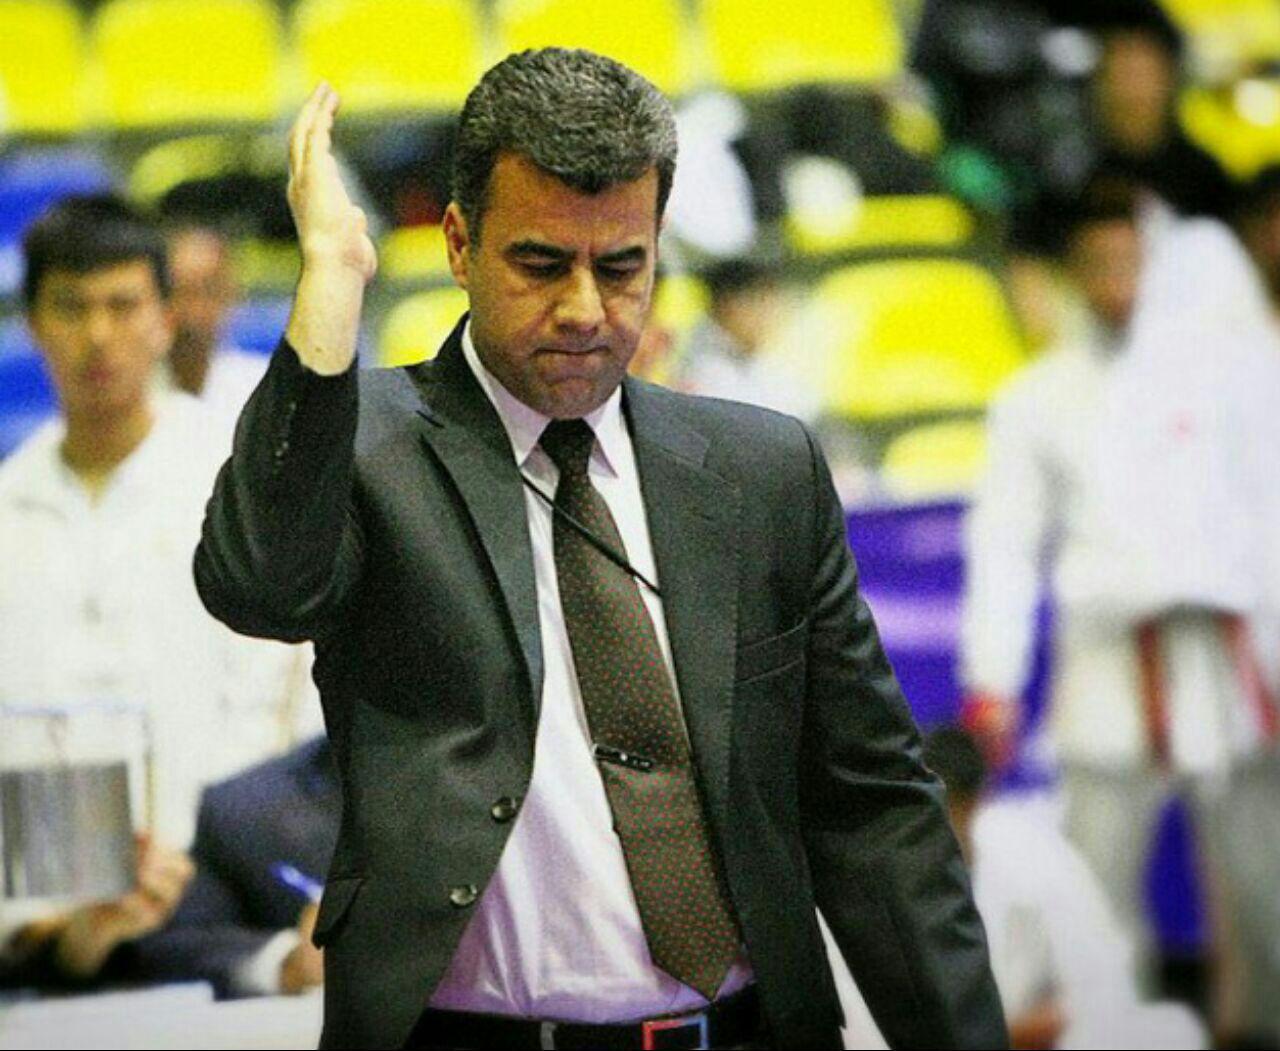 از سوی فرجی رئیس فدراسیون کاراته، پاشایی مسئول کمیته استعداد یابی کاراته شد